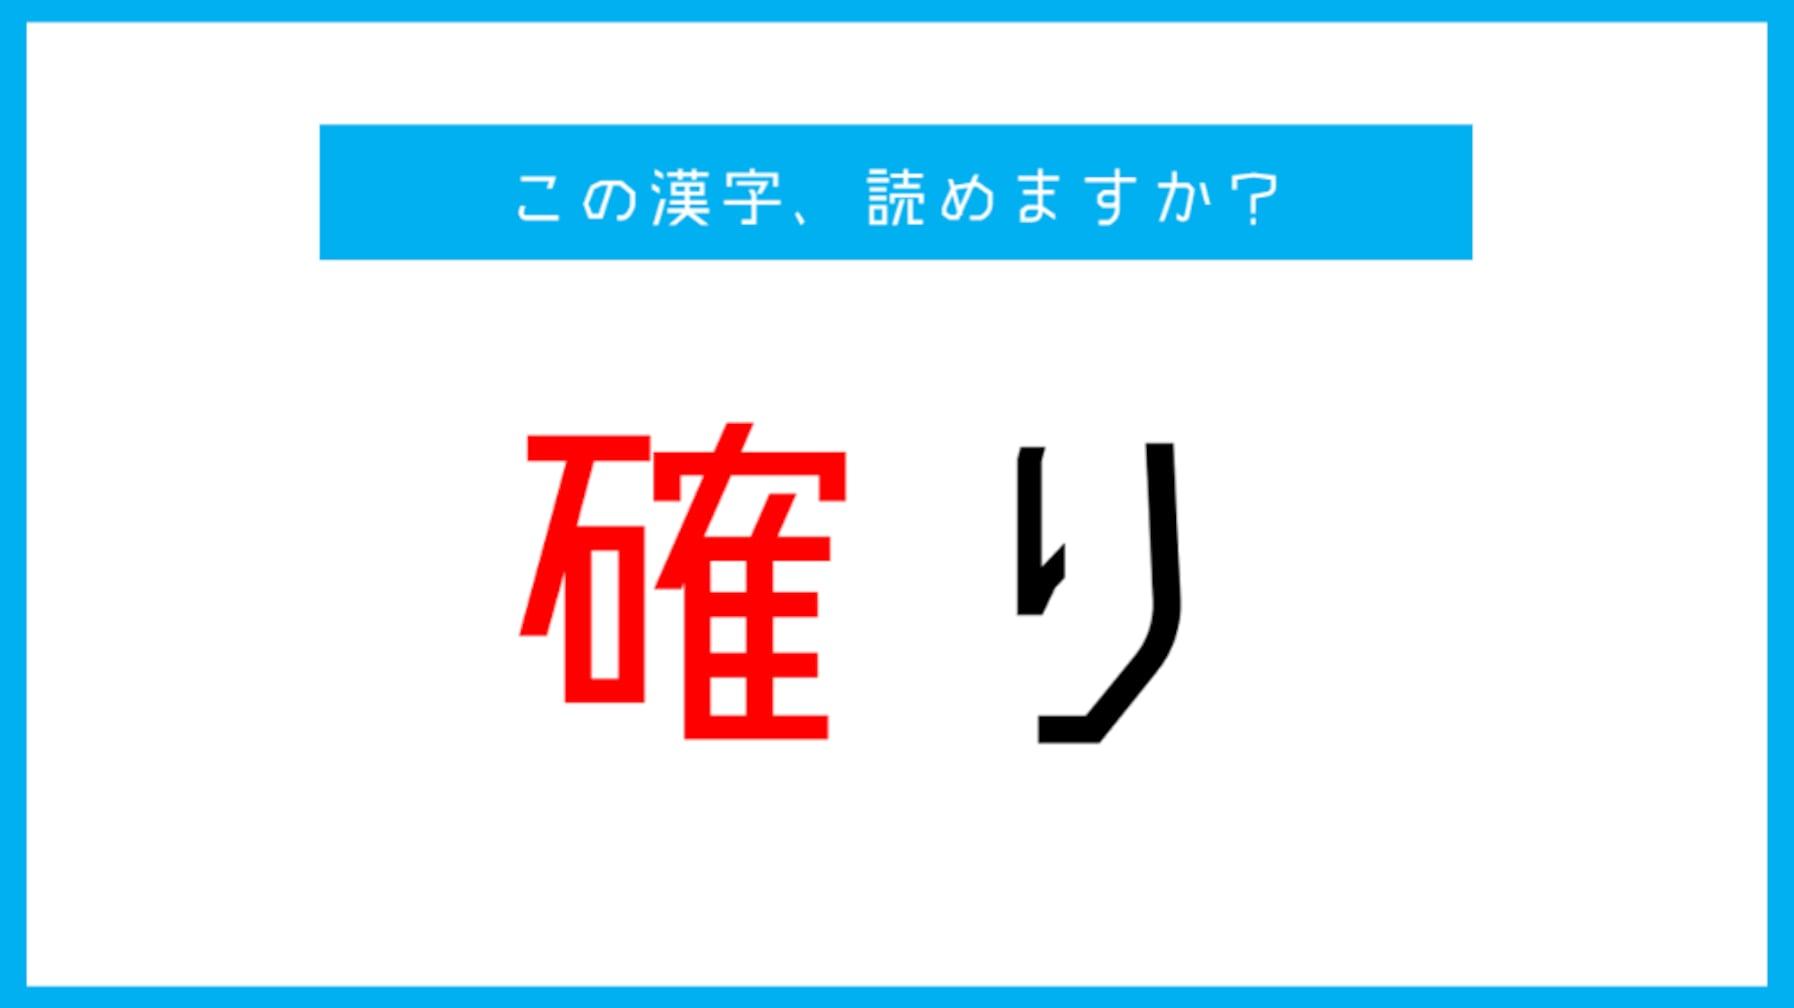 「確り」←この漢字、読める?